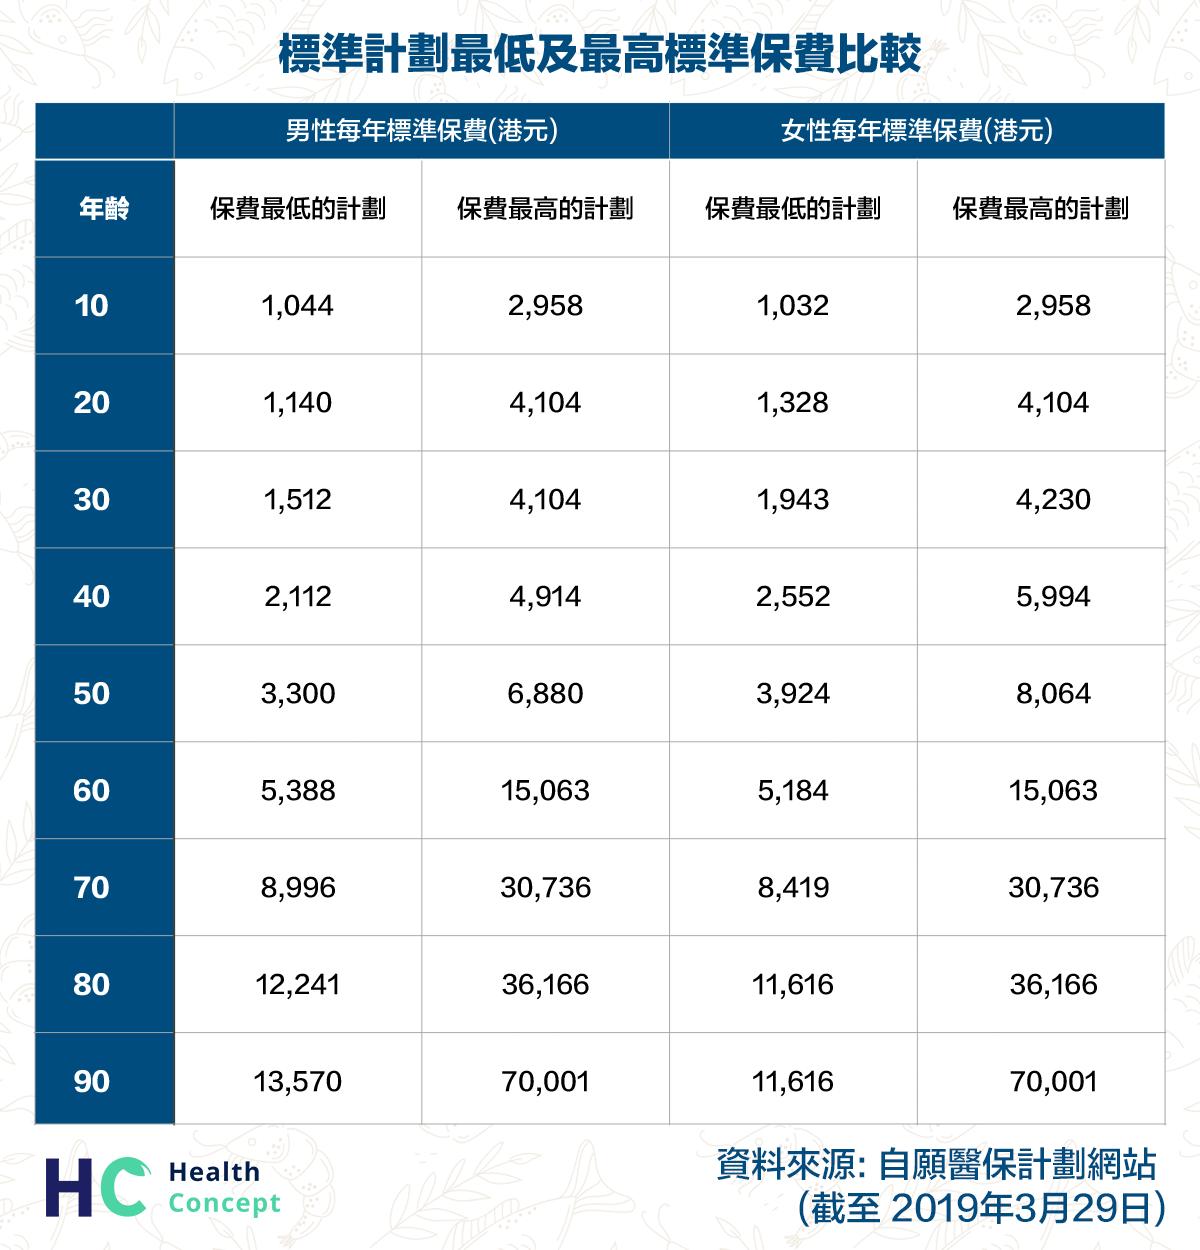 標準計劃最低及最高標準保費比較